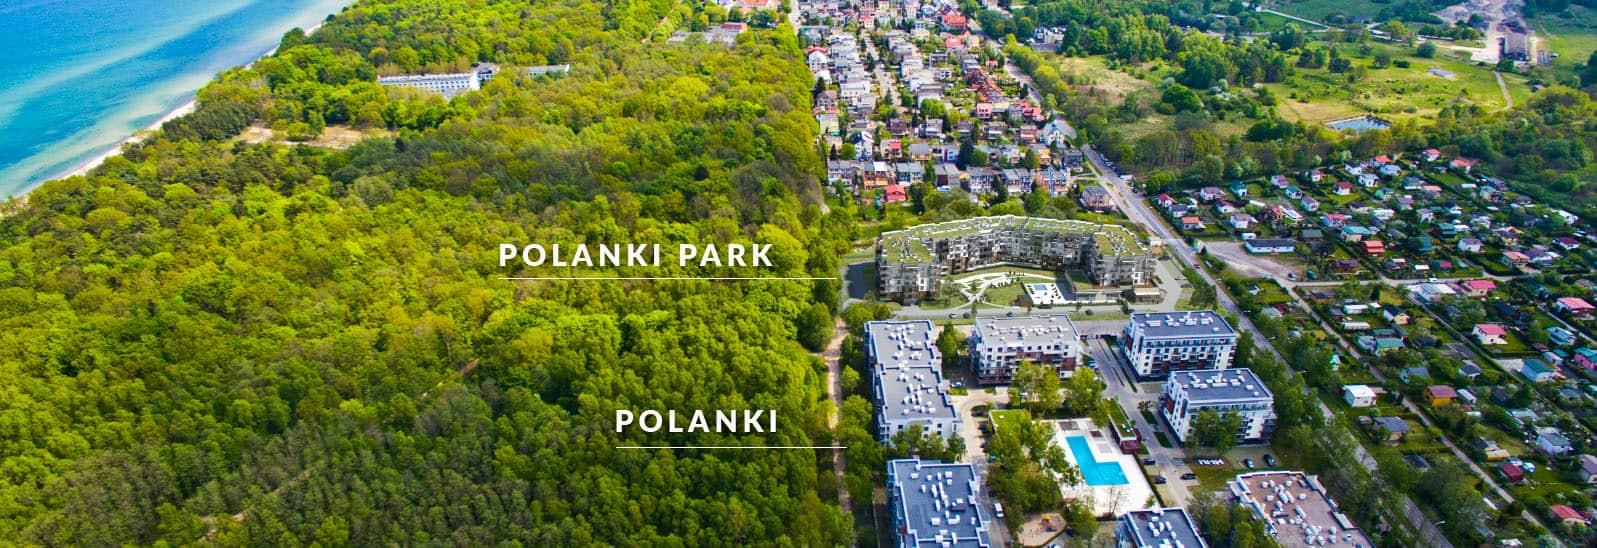 Polanki Park Wohnungen zur Miete in der Nähe des Meeres in Kolberg